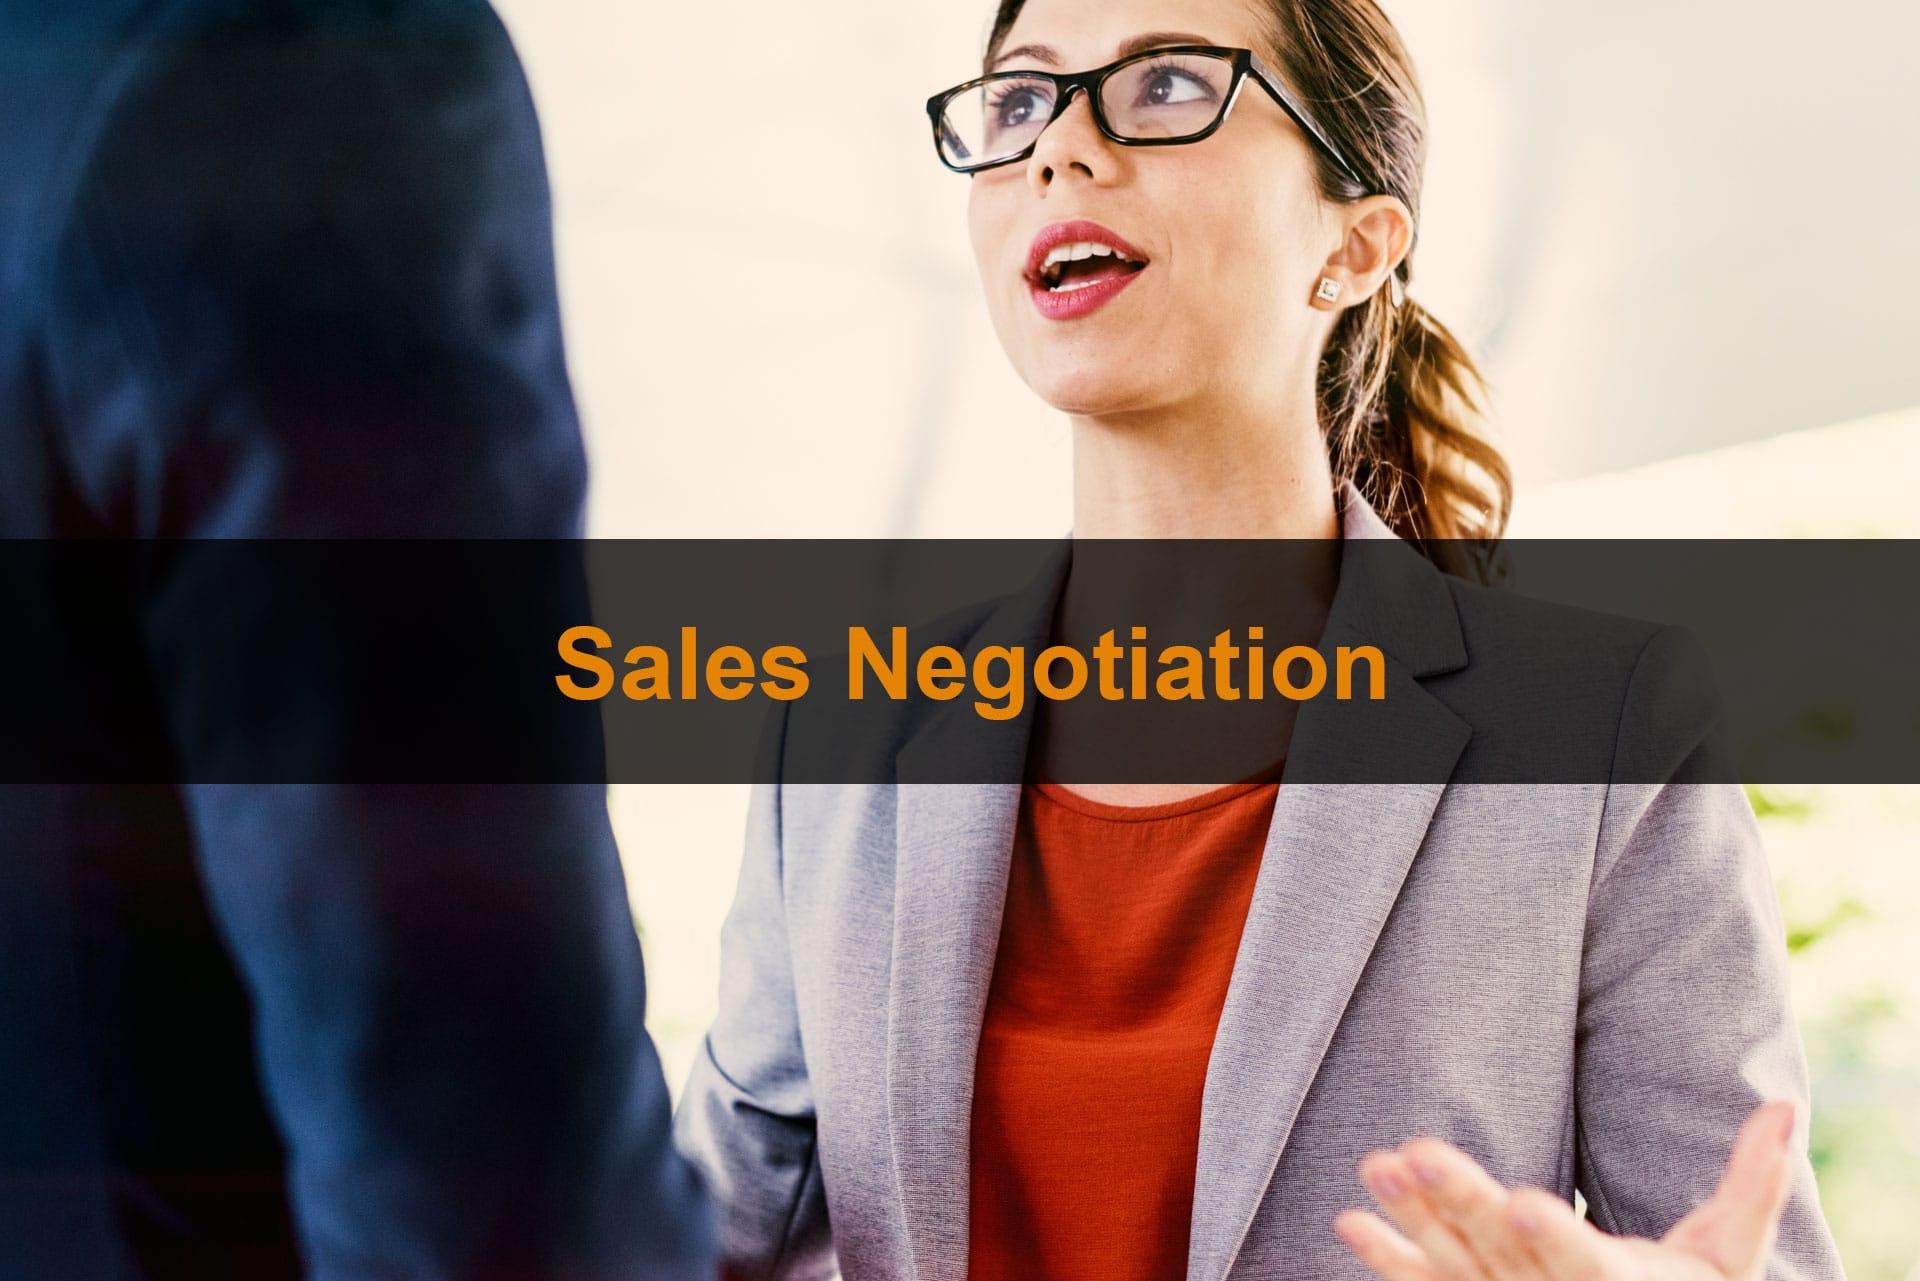 Sales-Negotiation-Artwork-2019-jpg-min